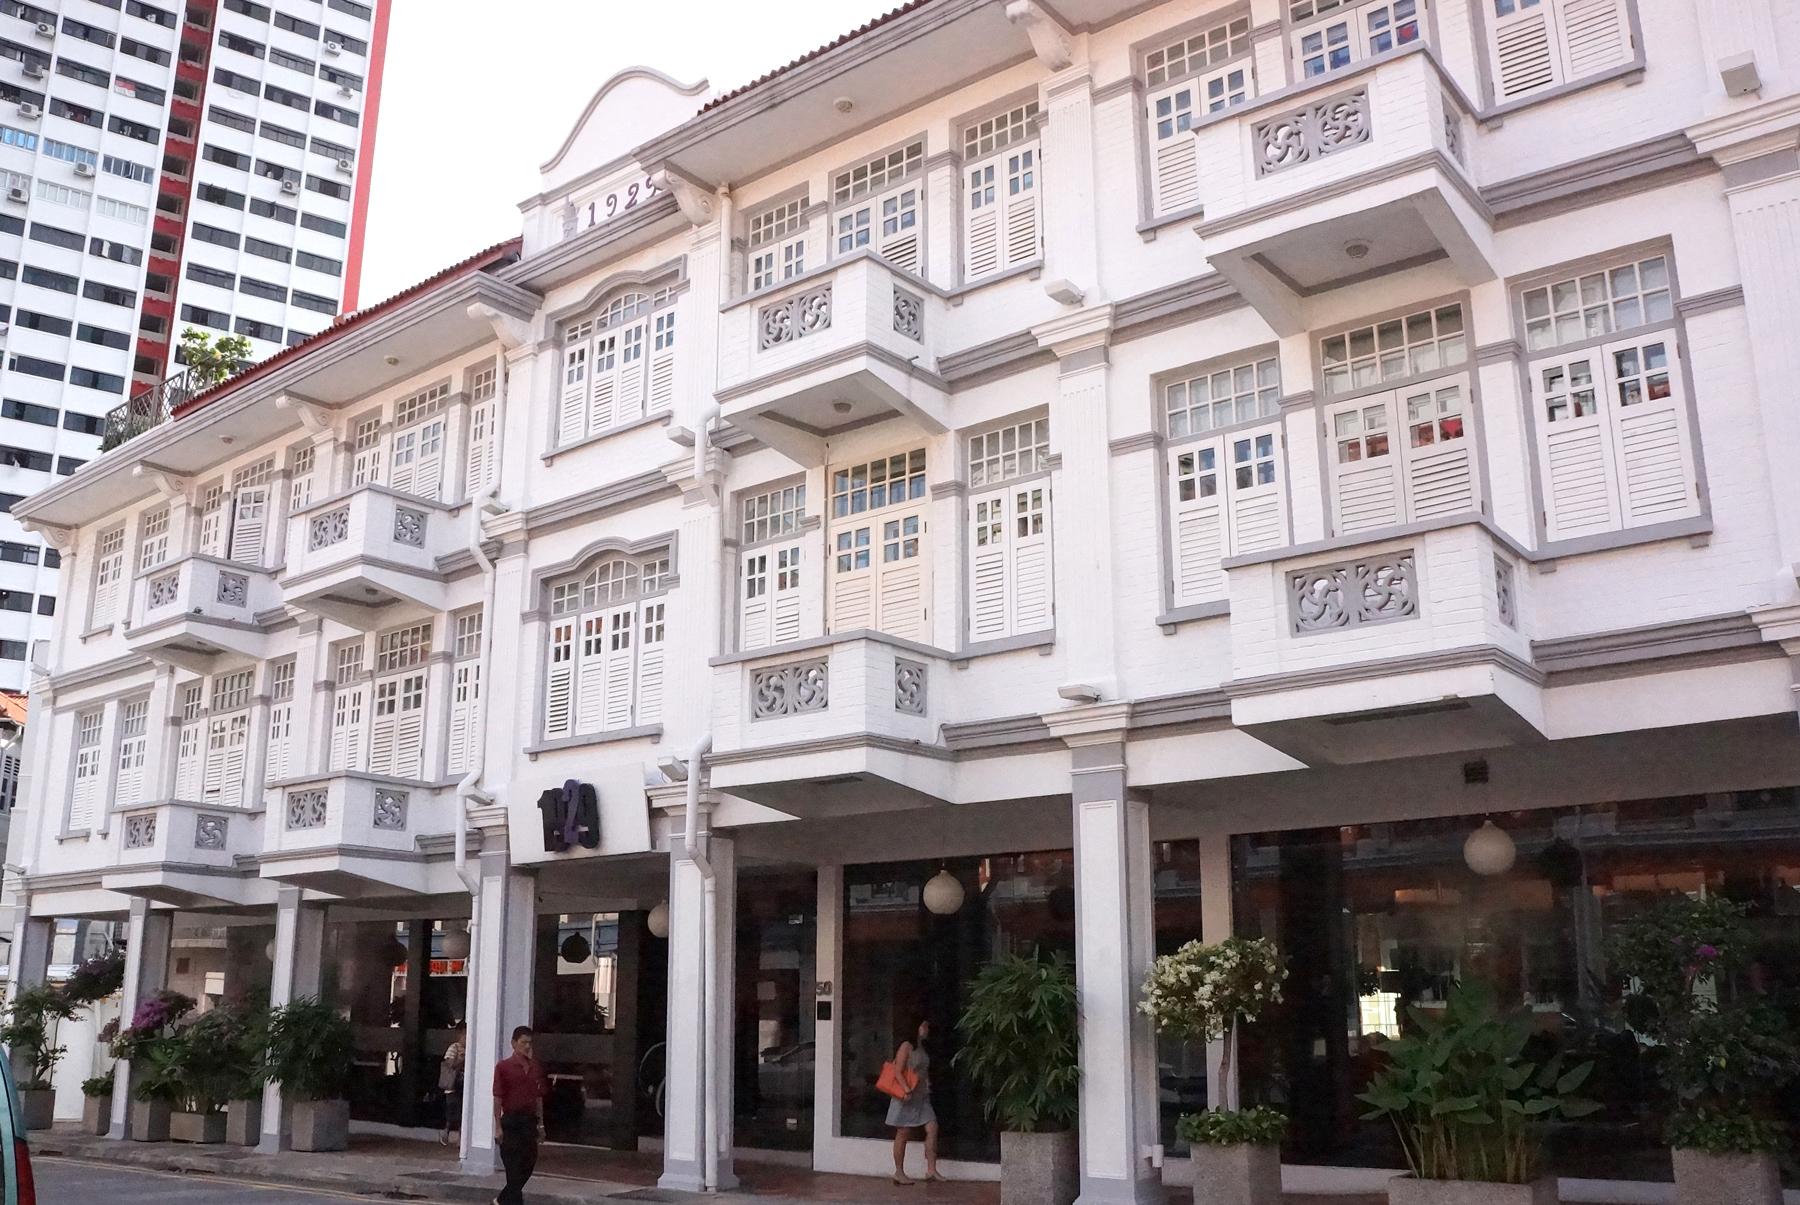 ホテル1929